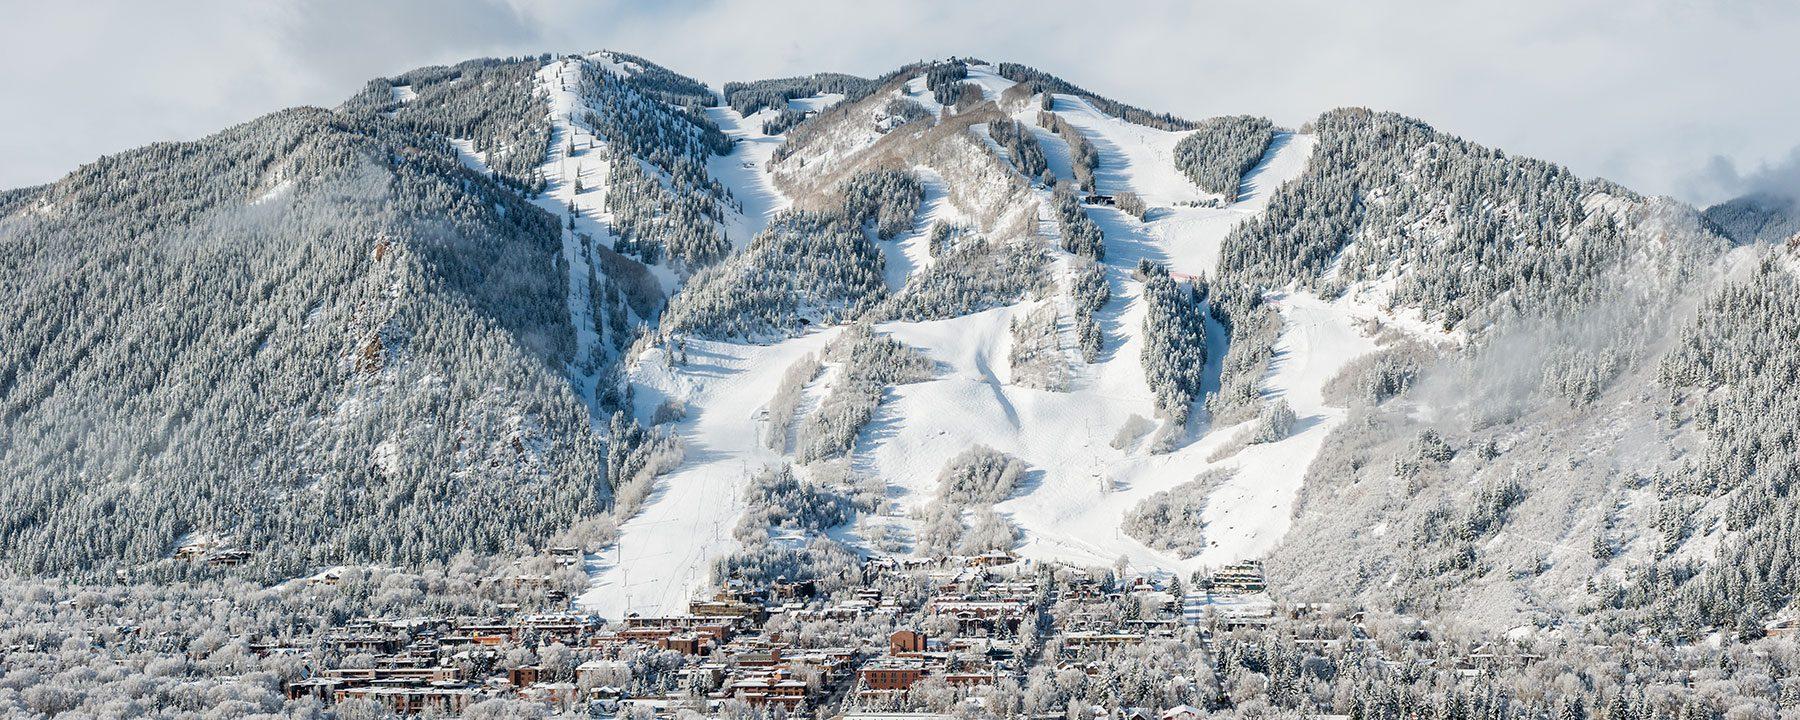 Aspen snow mass